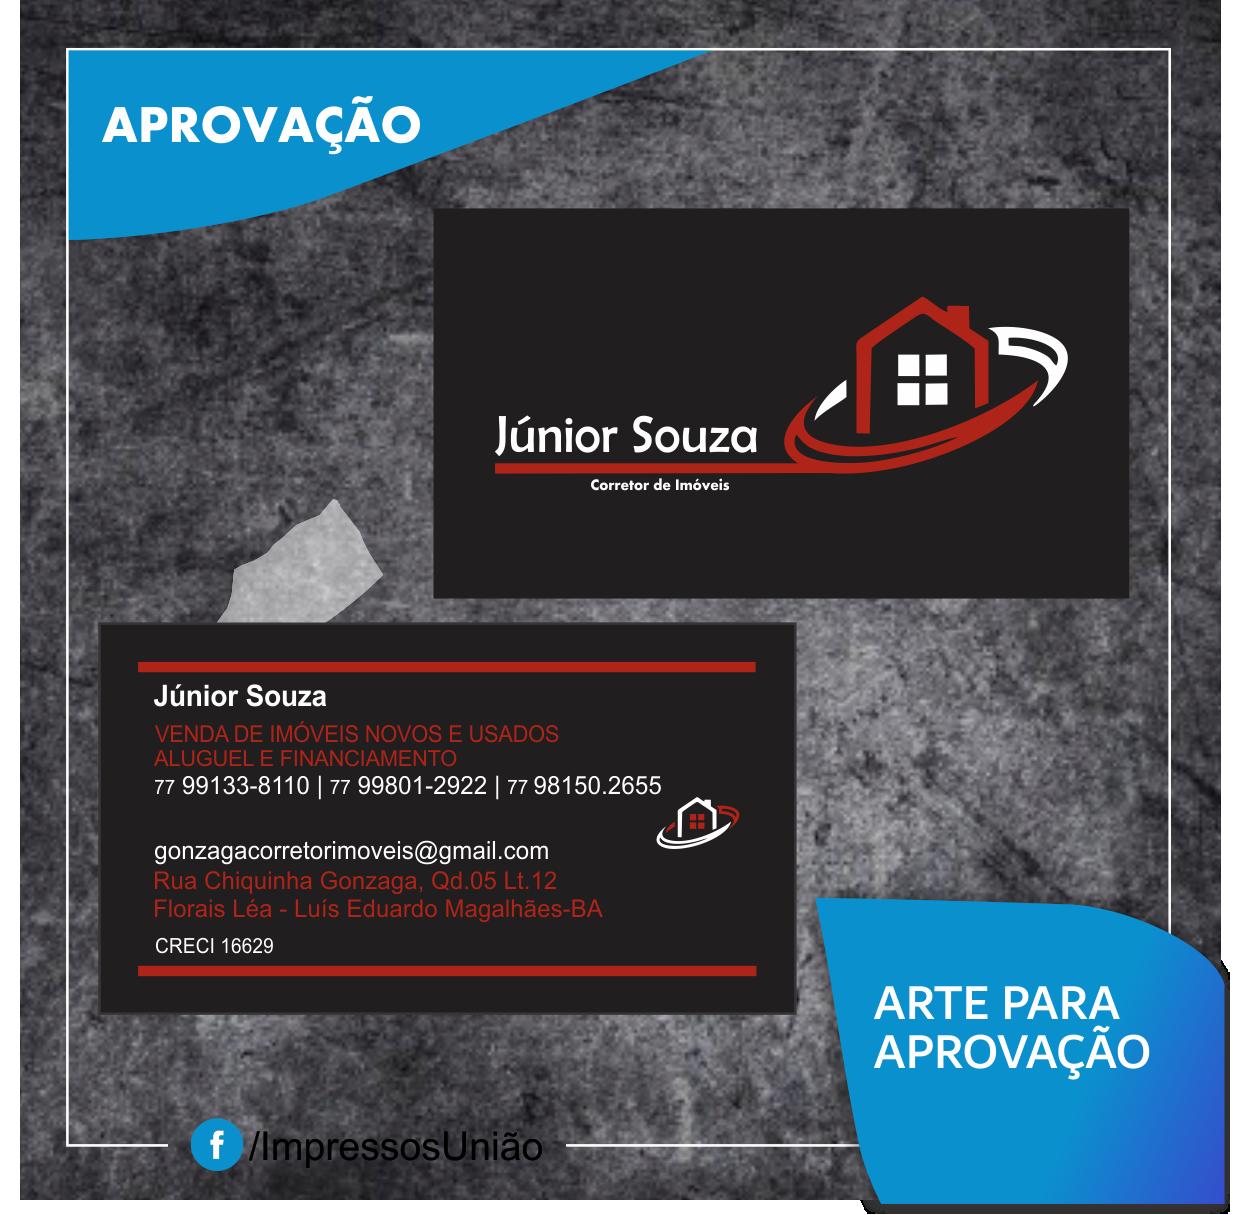 Corretor Júnior Souza - Luís Eduardo Magalhães-BA